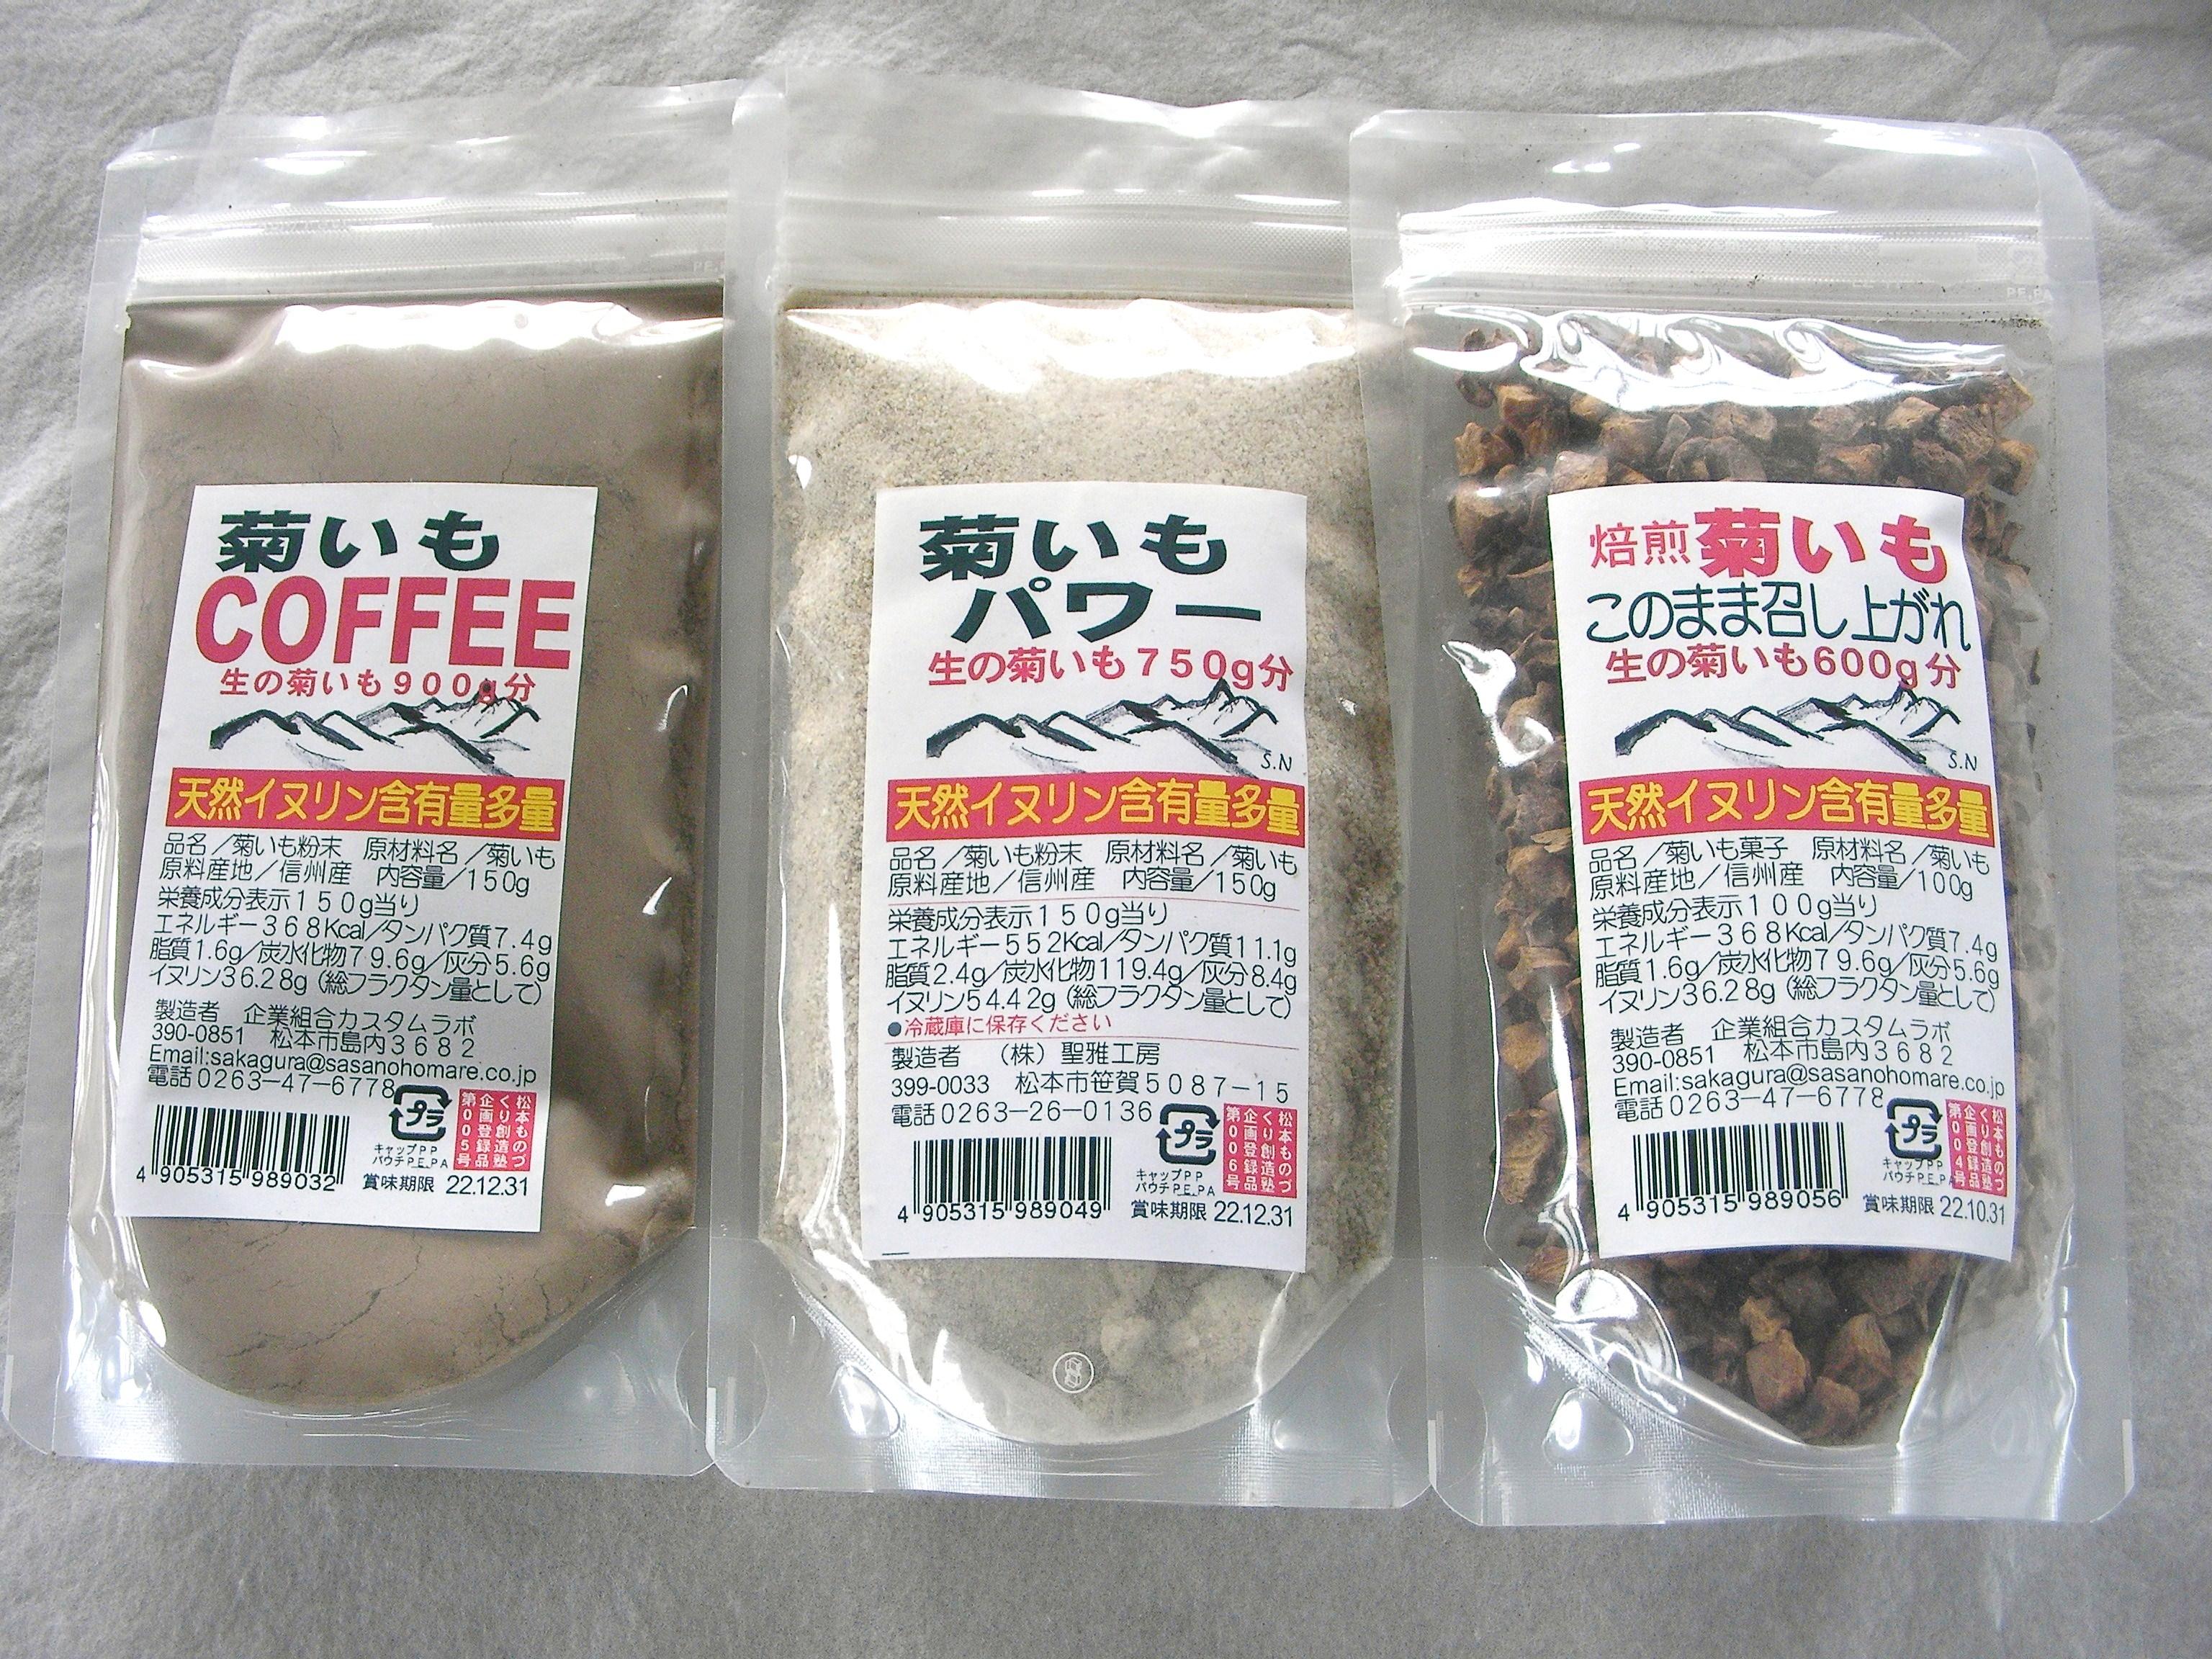 菊芋粉末 焙煎粉末 焙煎固形タイプの3種類セット!